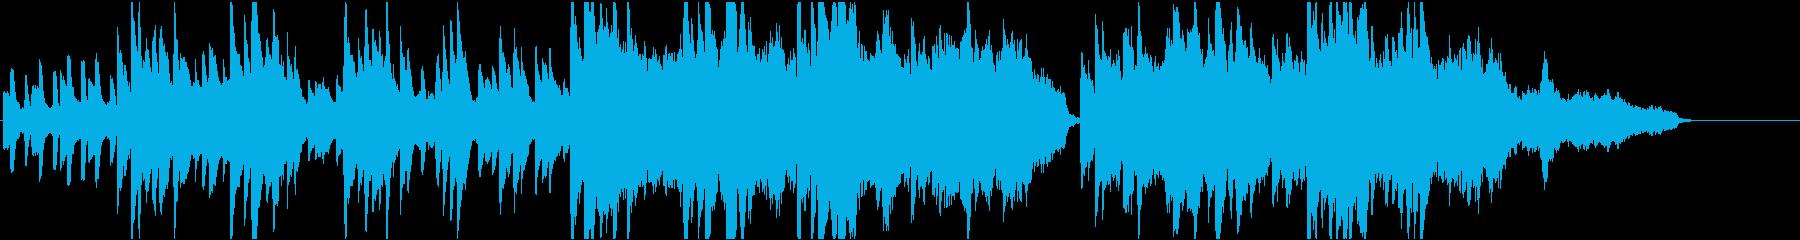 企業VP32 24bit44kHzVerの再生済みの波形